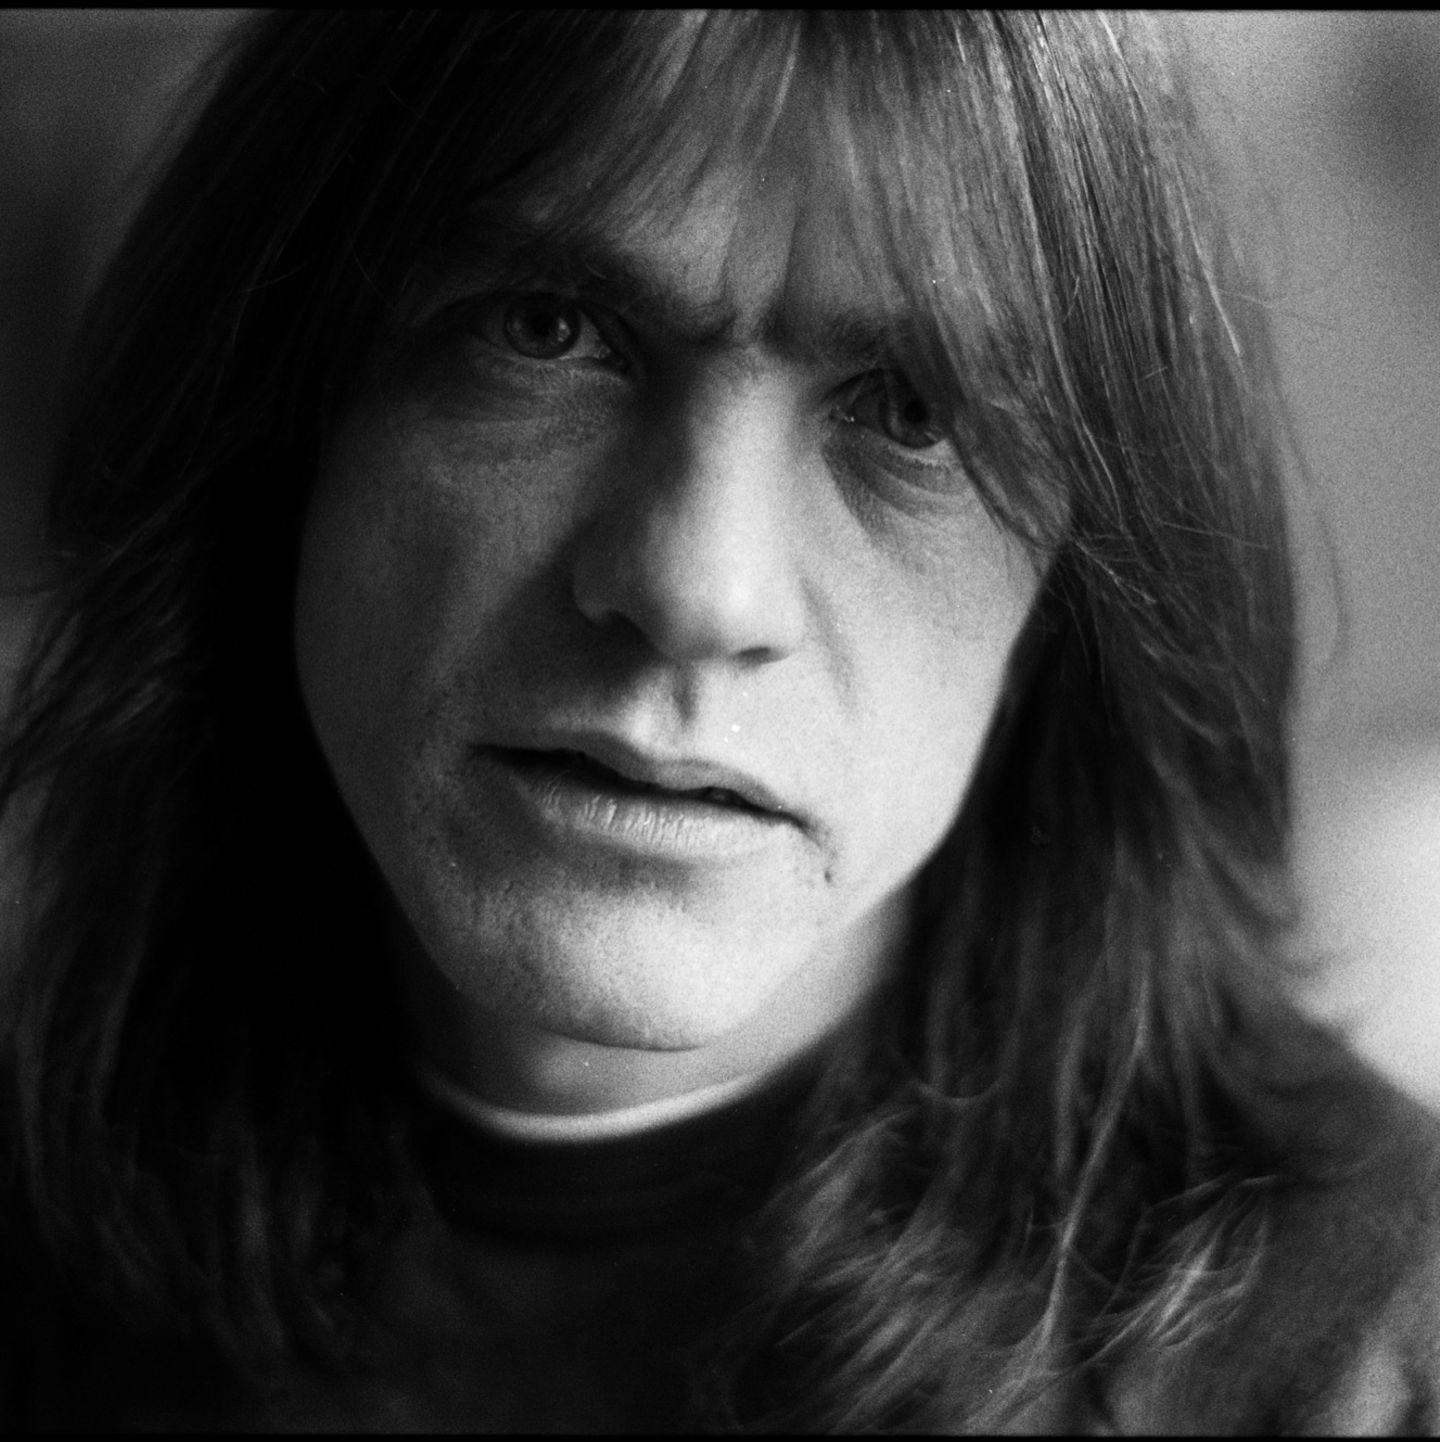 Der Leadgitarrist und Songschreiber der Band AC/DC galt als heimlicher Chef der Rockgruppe und verlieh ihr den Sound, der sie berühmt gemacht hat. Umso größer ist der Verlust für die Musik-Welt. Am 18. November 2017 starb Malcolm Young im Alter von 64 Jahren friedlich im Kreise seiner Familie. Zuletzt wurde er wegen Lungenkrebs und Herzproblemen behandelt und litt an Demenz, weswegen er auch nicht mehr in der Band spielen konnte.